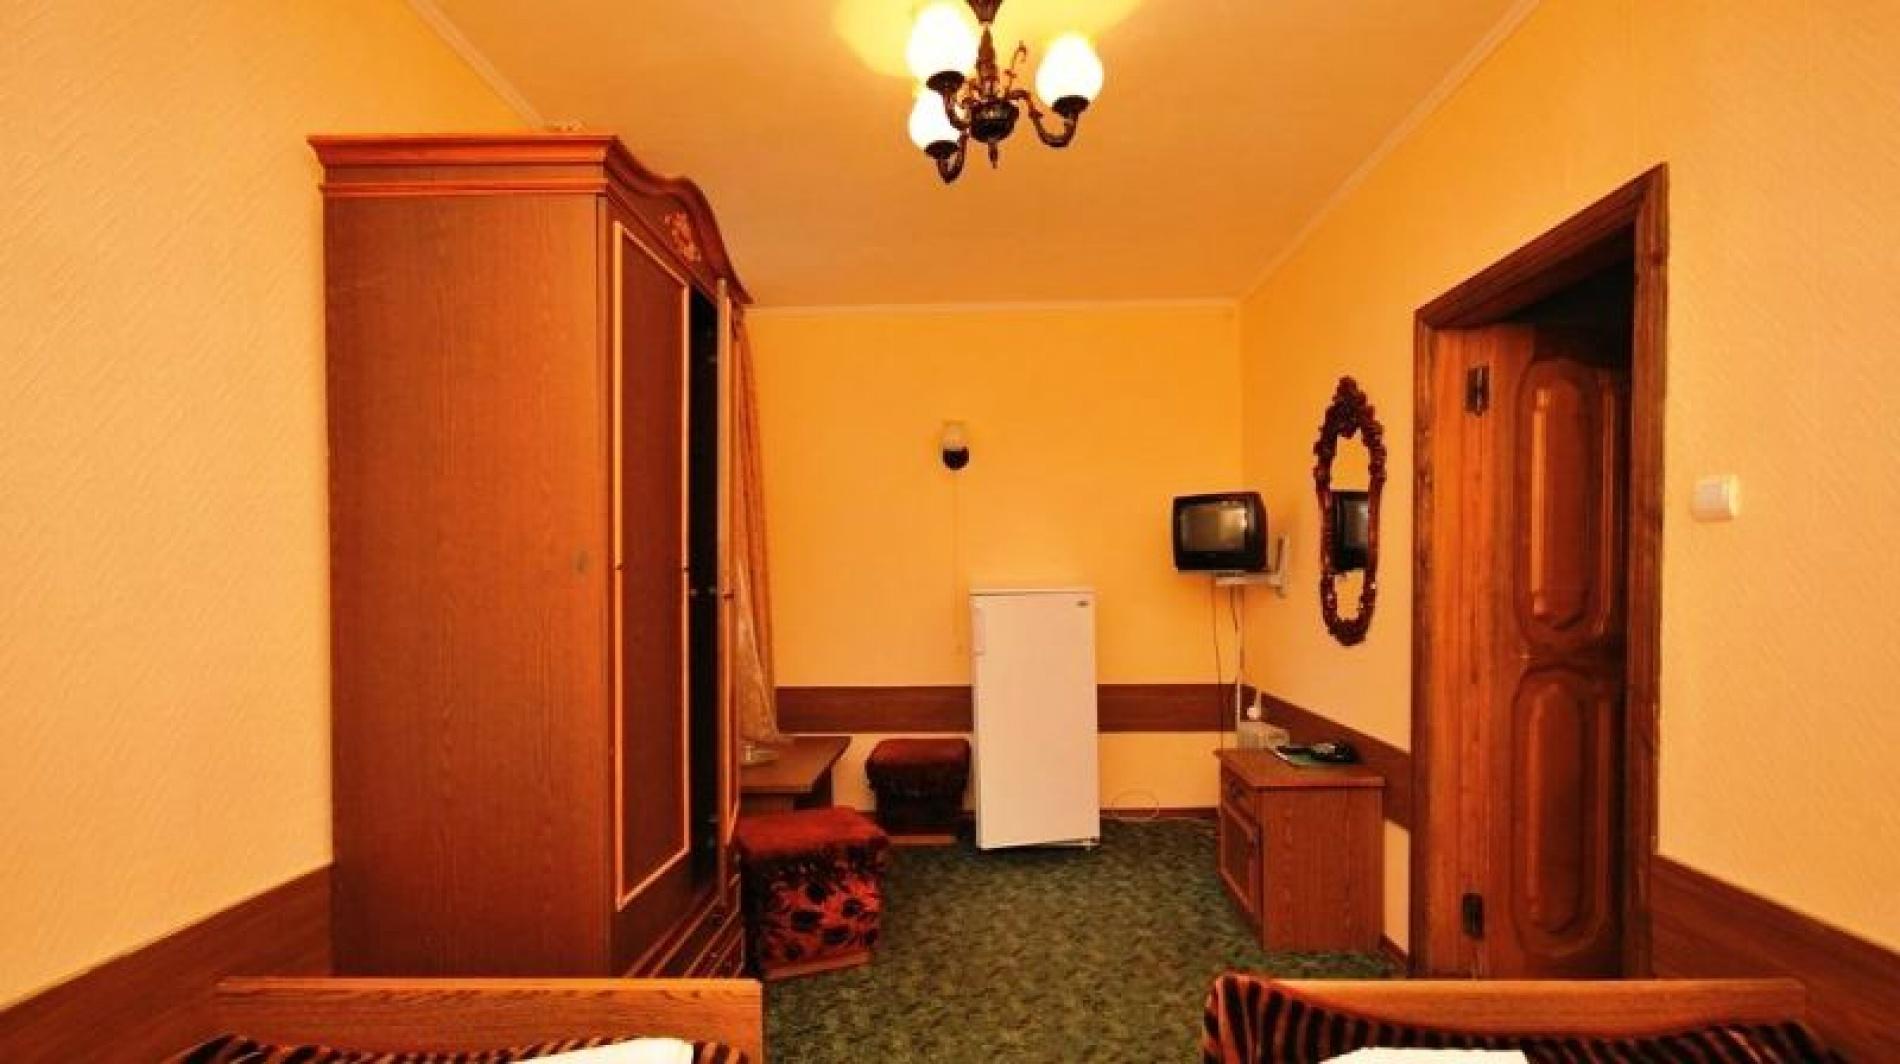 """Гостиница """"Снежинка"""" Карачаево-Черкесская Республика BDR (bedroom) 2-местный 2-комнатный Корпус 2, фото 4"""